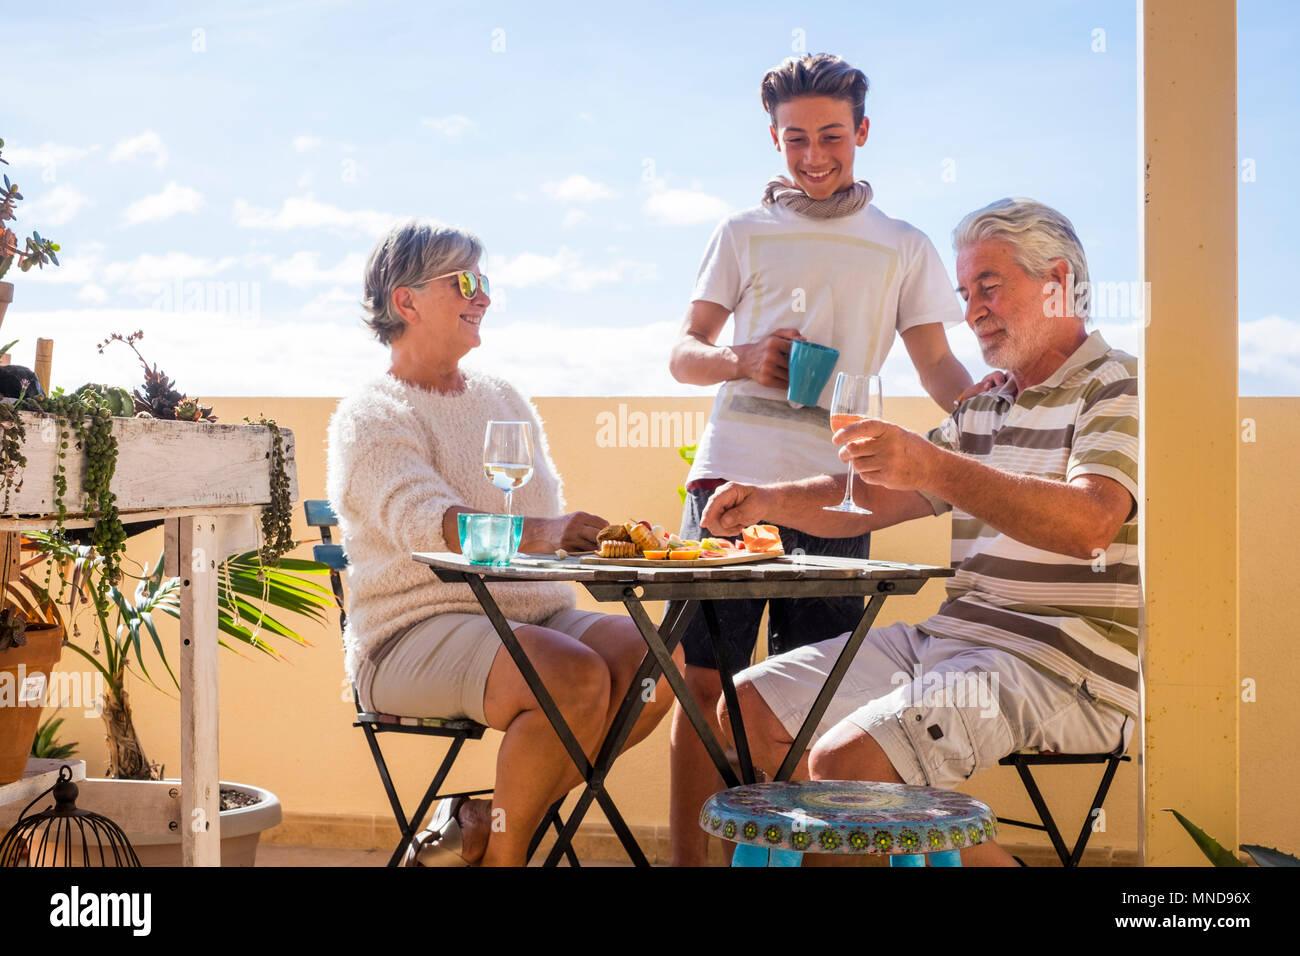 La familia de diferentes edades con abuelos y nieto pasar su tiempo libre en la terraza, comer y beber en una terraza al aire libre en verano Imagen De Stock